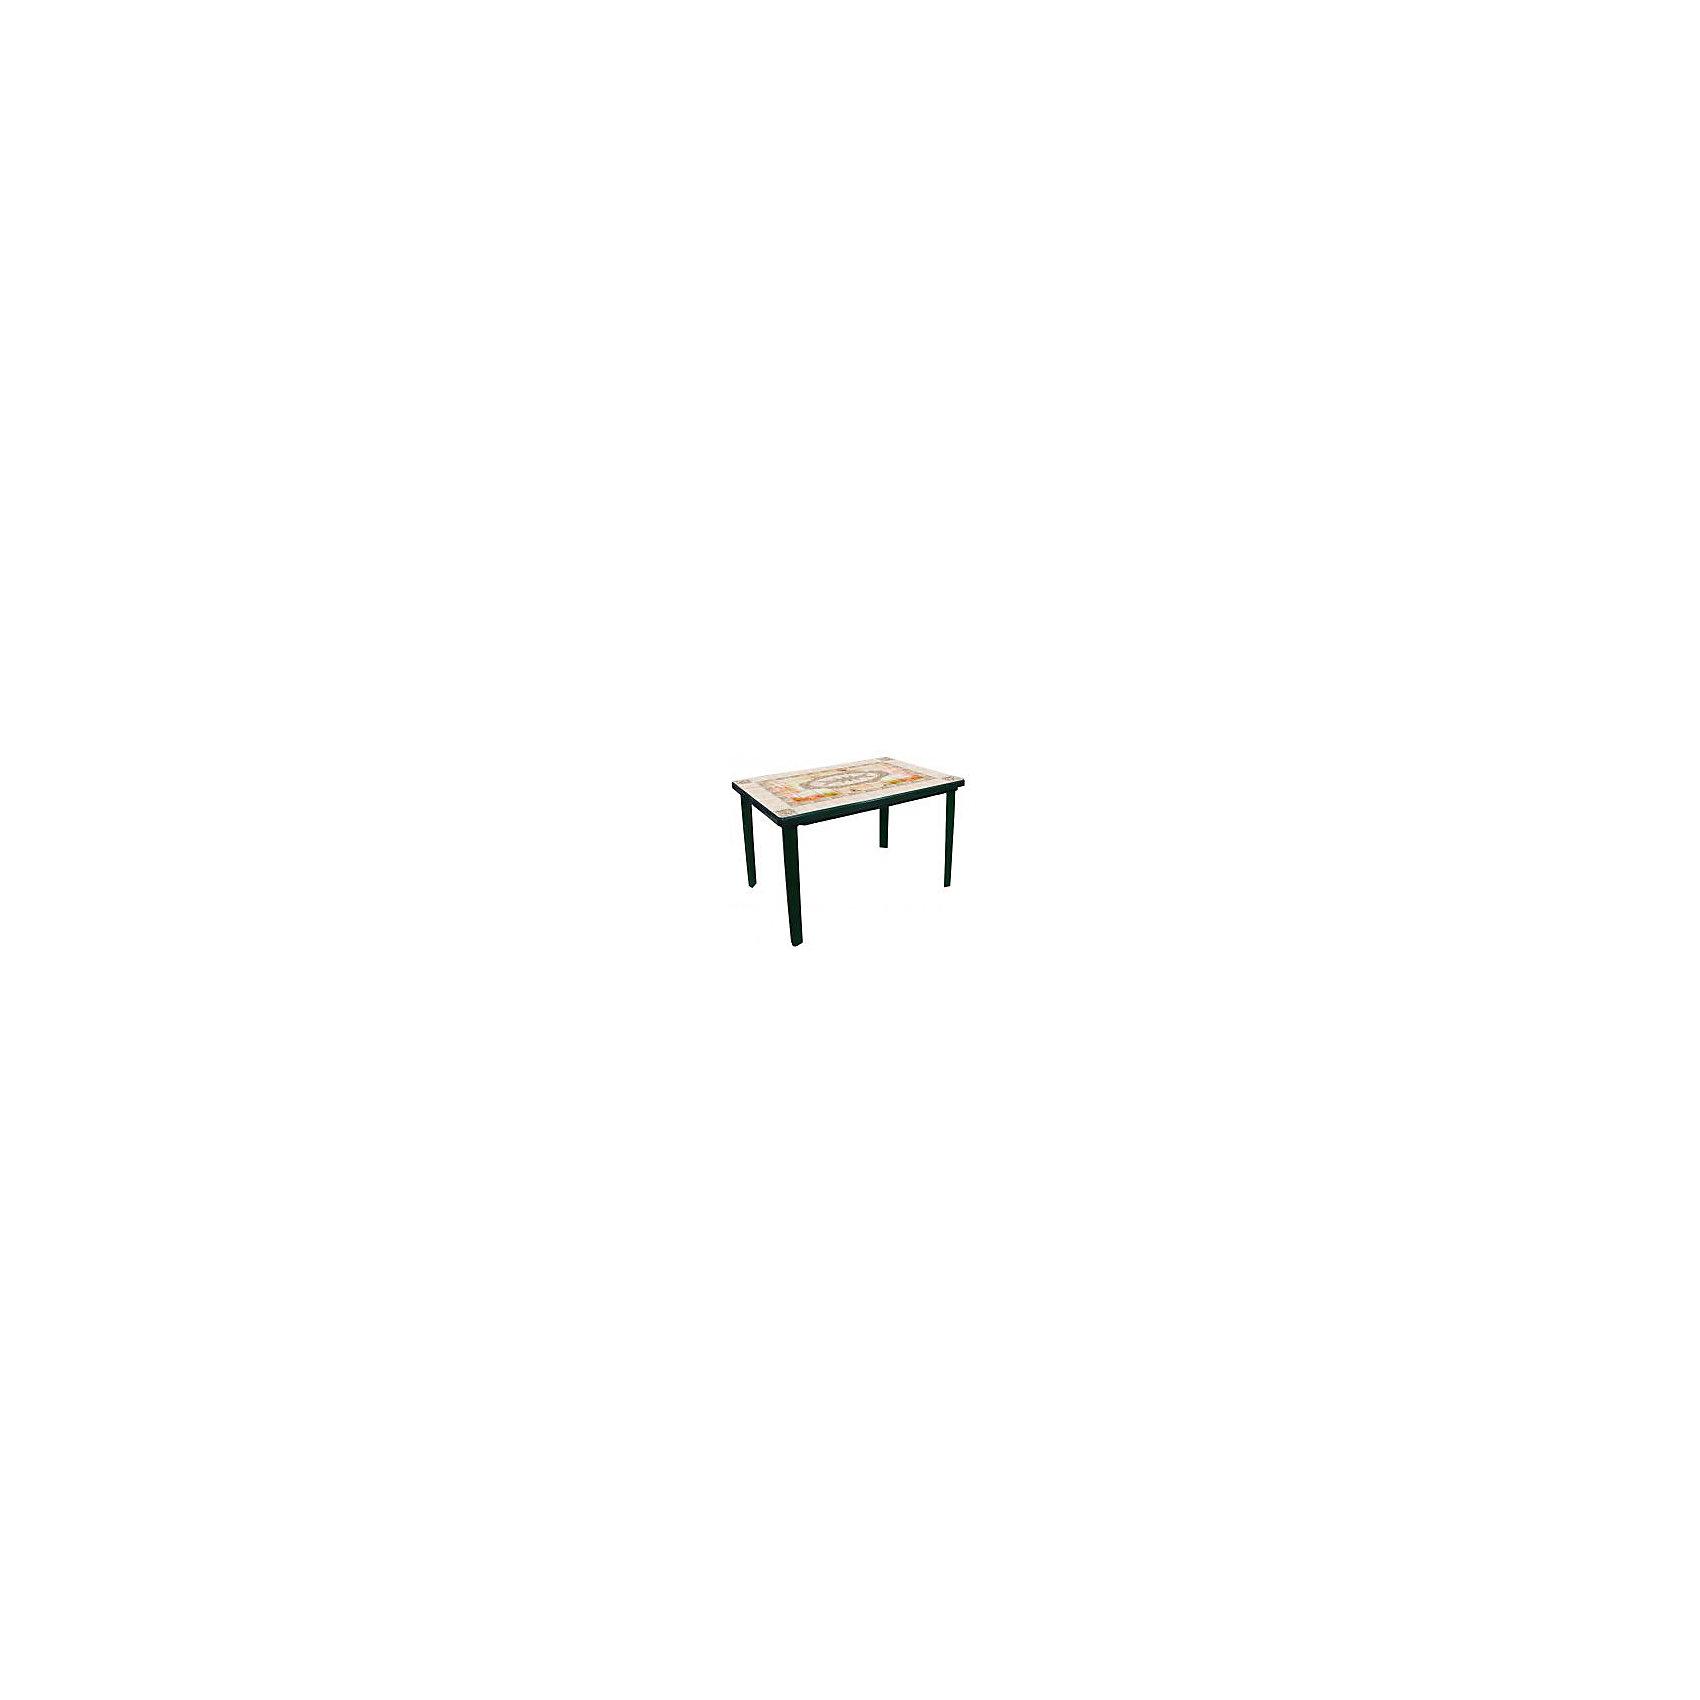 Стол Верона прямоуг1200х850х750, Alternativa, тёмно-зеленыйМебель<br>Стол Верона прямоуг1200х850х750, Alternativa (Альтернатива), темно-зеленый<br><br>Характеристики:<br><br>• привлекательный узор<br>• устойчивые ножки<br>• легко мыть<br>• материал: пластик<br>• размер: 120х85х75 см<br>• форма: прямоугольный<br>• вес: 6,344 кг<br>• цвет: темно-зеленый<br><br>Стол Верона - настоящая находка для ценителей качественной и красивой мебели. Он изготовлен из высококачественного пластика и оформлен привлекательным узором в итальянском стиле. Ножки устойчиво располагаются на любой поверхности. Стол легко моется от загрязнений.<br><br>Стол Верона прямоуг1200х850х750, Alternativa (Альтернатива), темно-зеленый вы можете купить в нашем интернет-магазине.<br><br>Ширина мм: 1200<br>Глубина мм: 850<br>Высота мм: 750<br>Вес г: 6344<br>Возраст от месяцев: 216<br>Возраст до месяцев: 1188<br>Пол: Унисекс<br>Возраст: Детский<br>SKU: 5475668